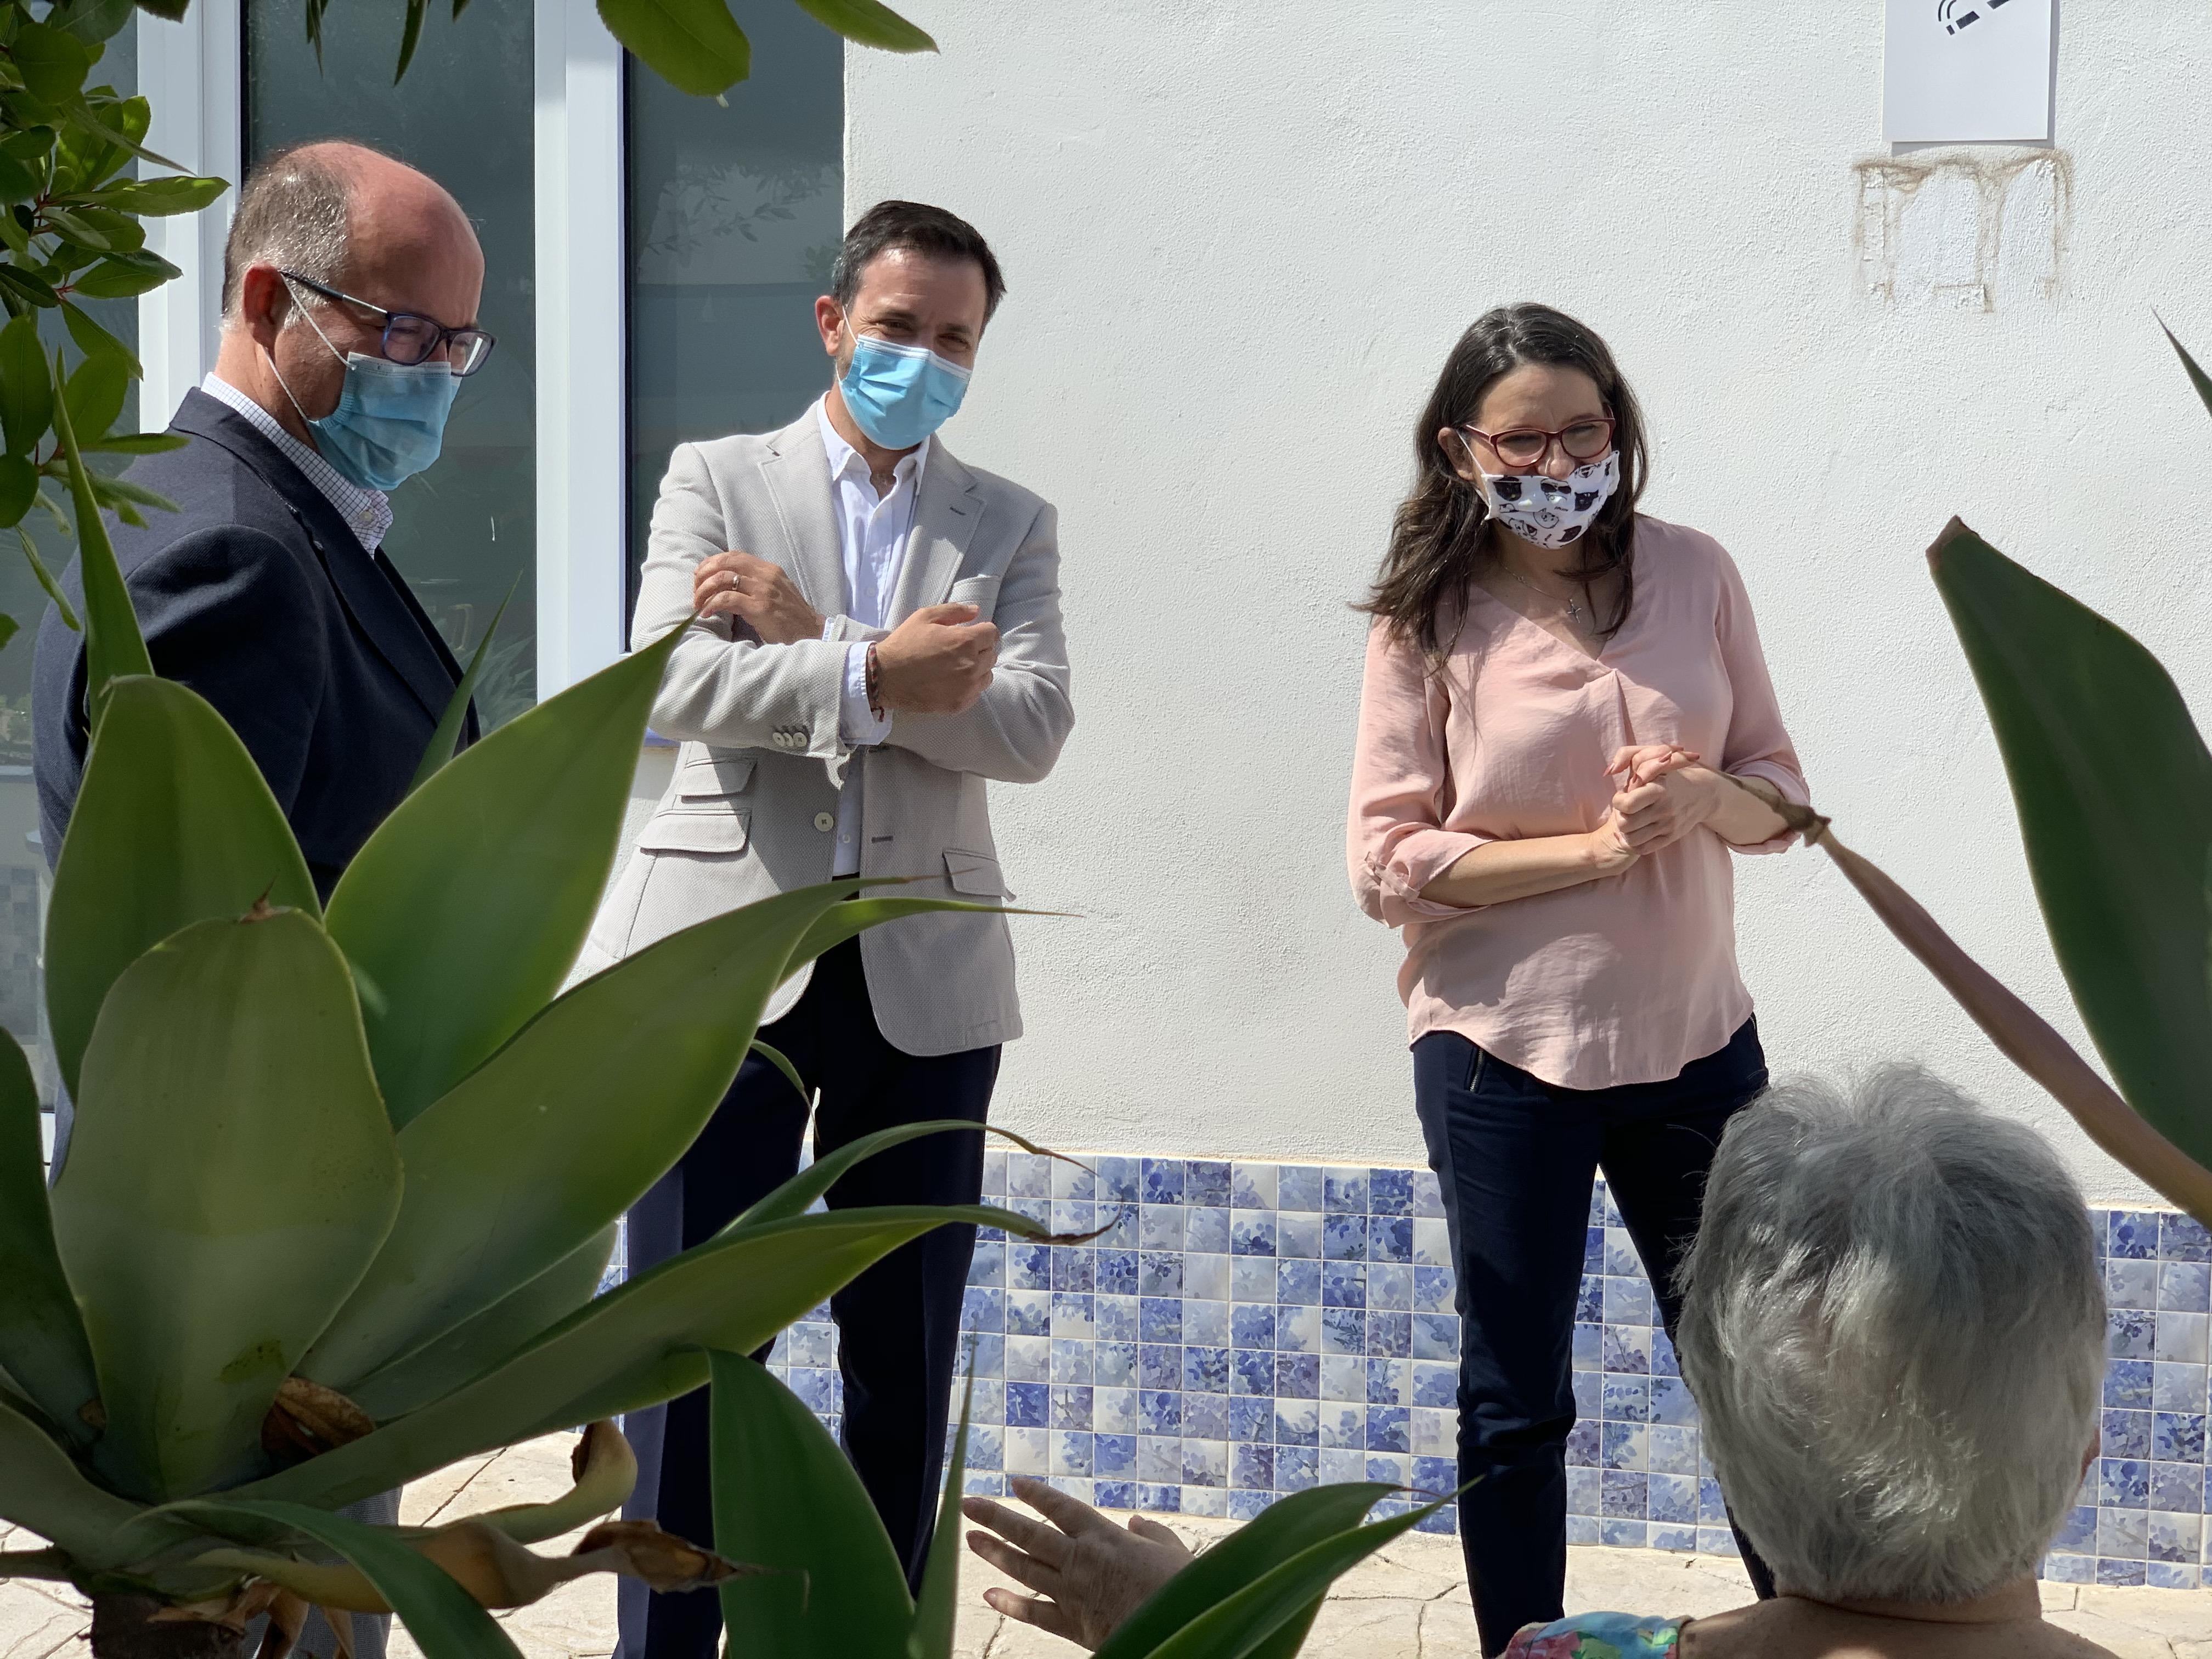 Los centros de acogida temporal de emergencia de Alicante atienden a 138 personas en situación de vulnerabilidad a causa de la COVID-19